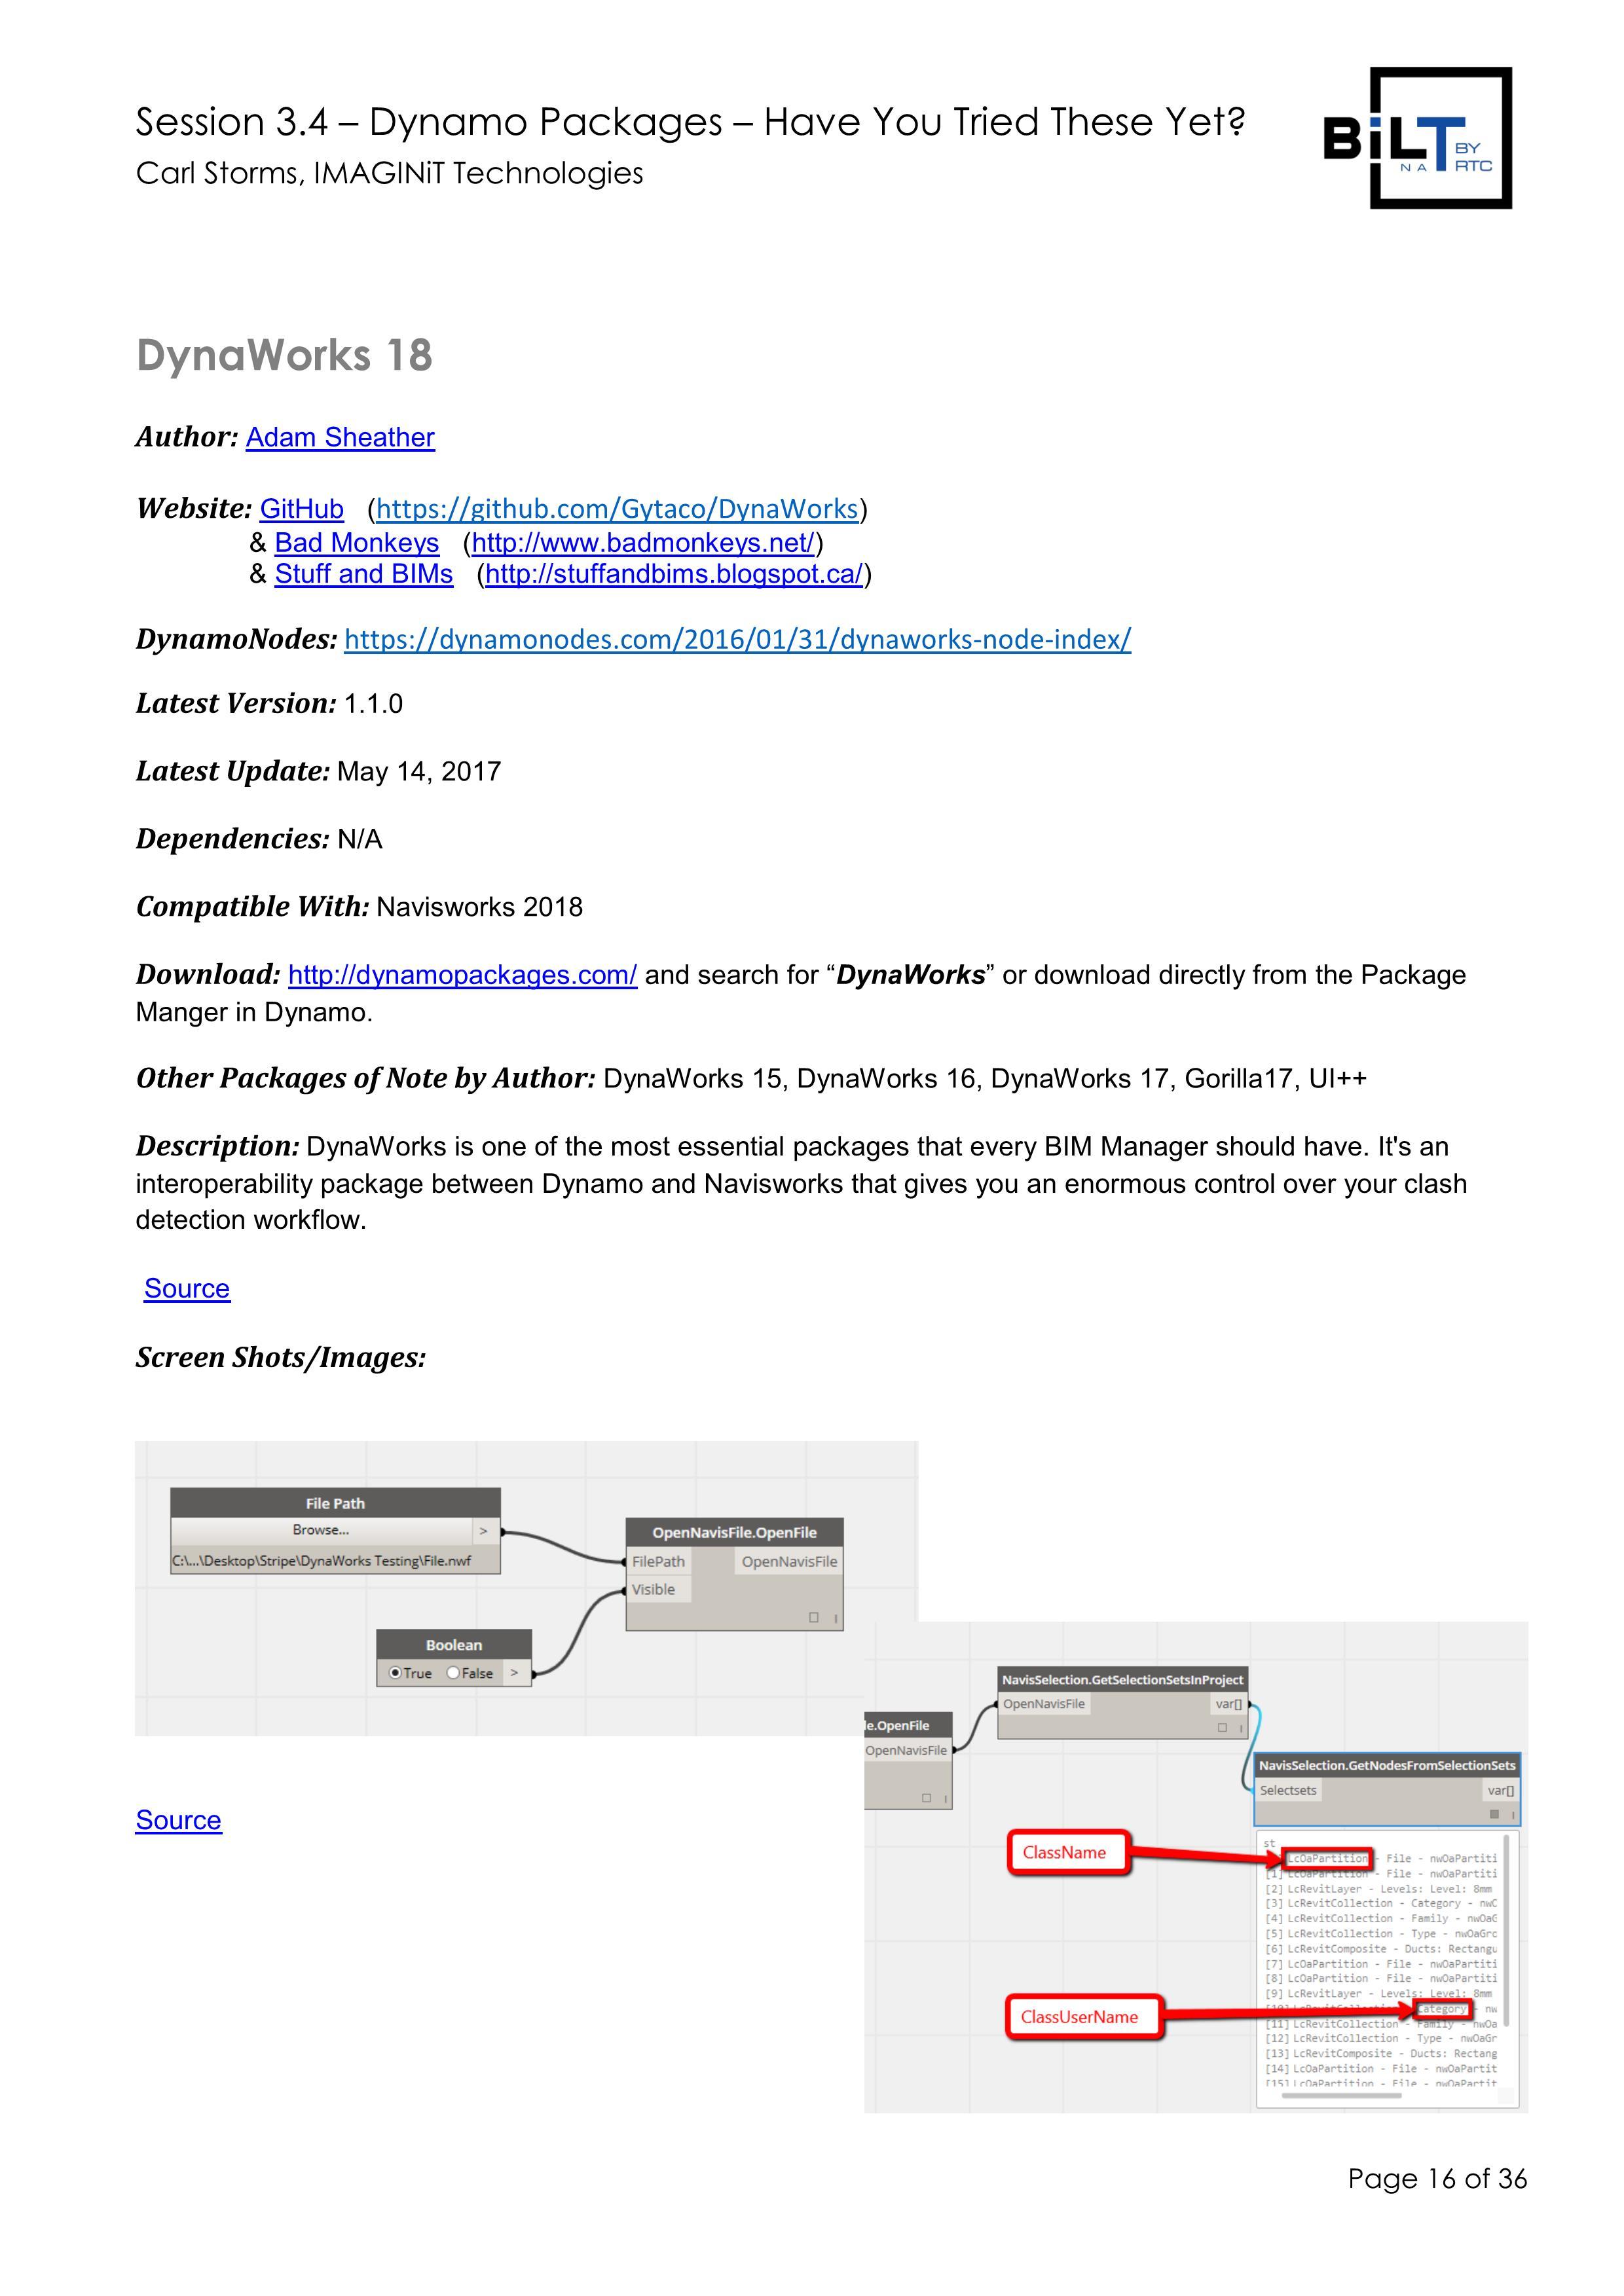 DynamoPackagesHaveYouTried Page 016.jpg